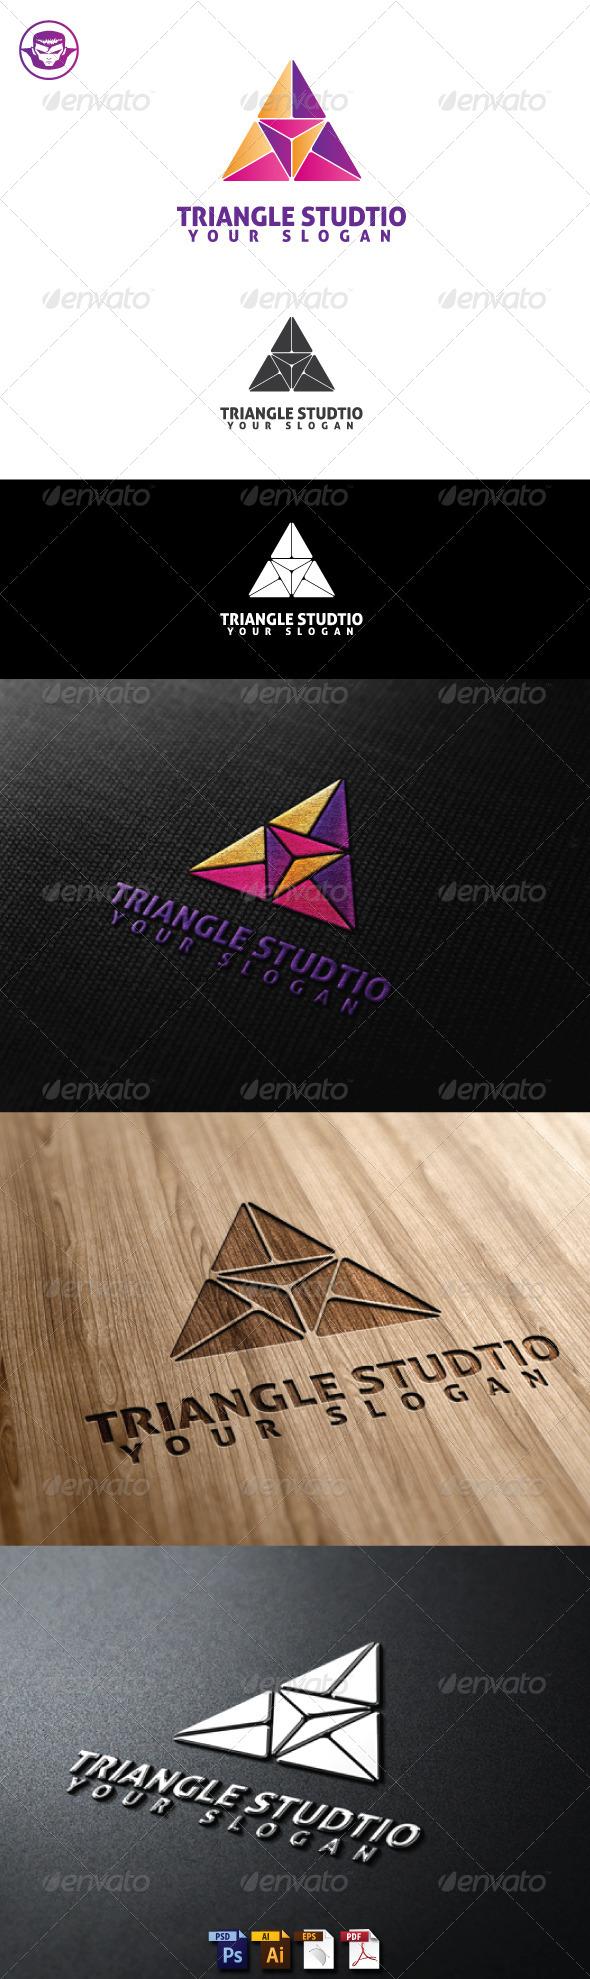 GraphicRiver Triangle Studio Logo Template 5164205